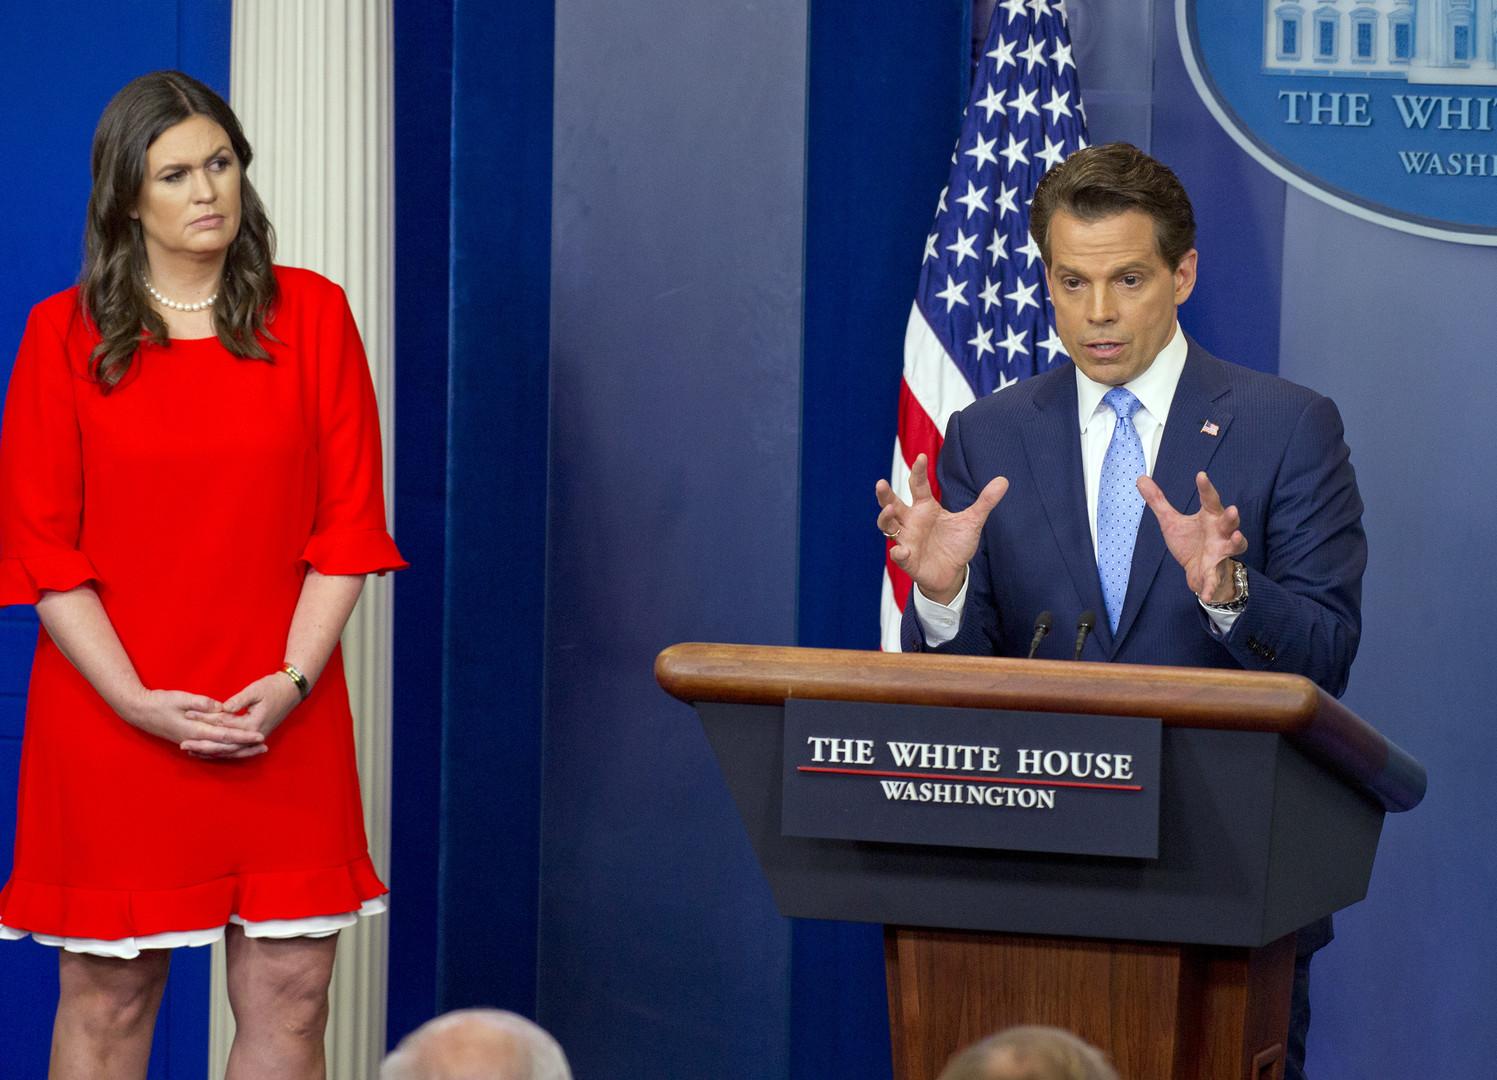 Санкциям быть: глава пресс-службы Белого дома определился с позицией Трампа